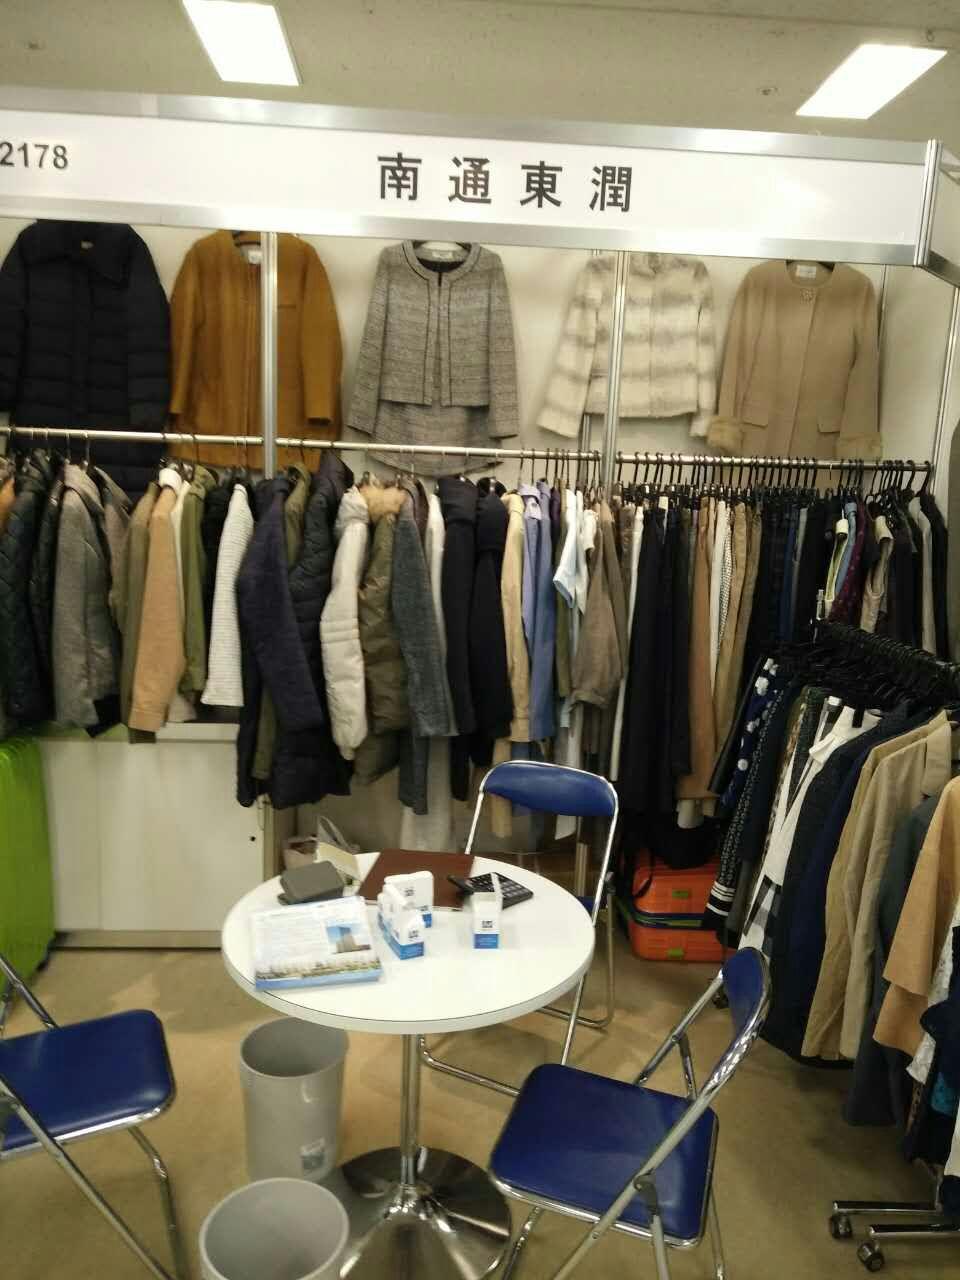 公司已經開始報名參加了16年10月份日本東京的成衣展了